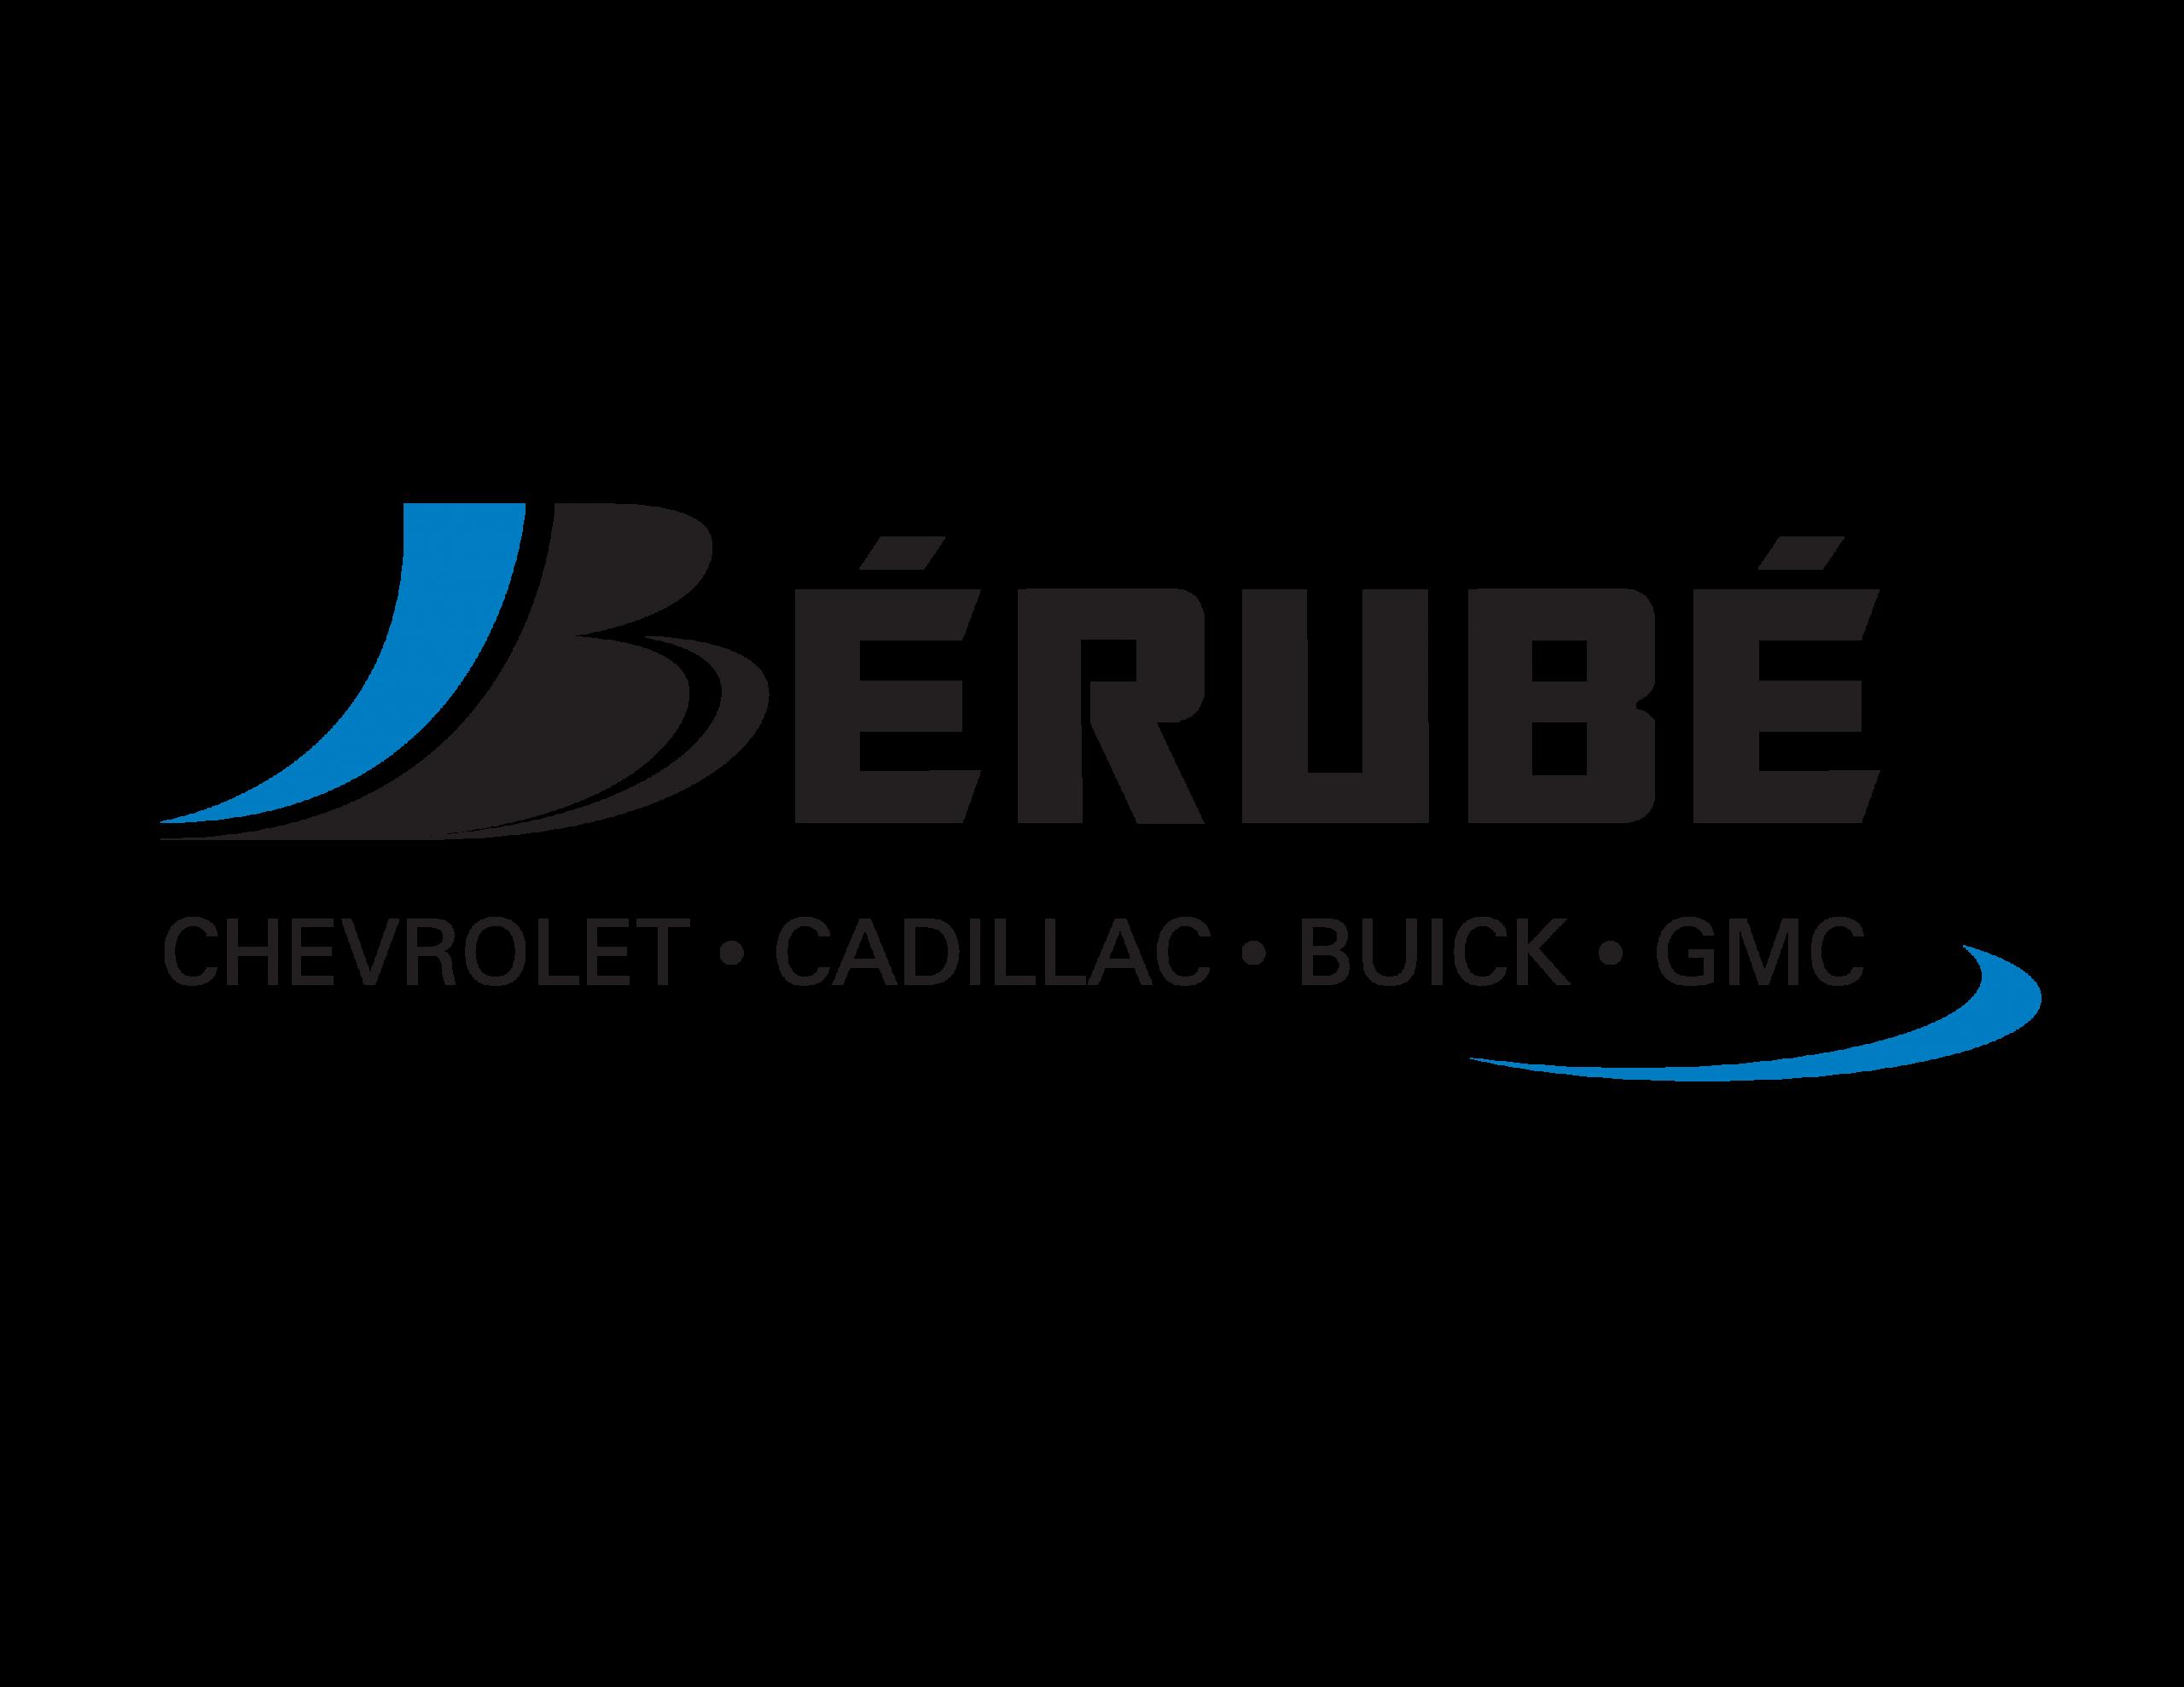 Service Bérubé_logo-01